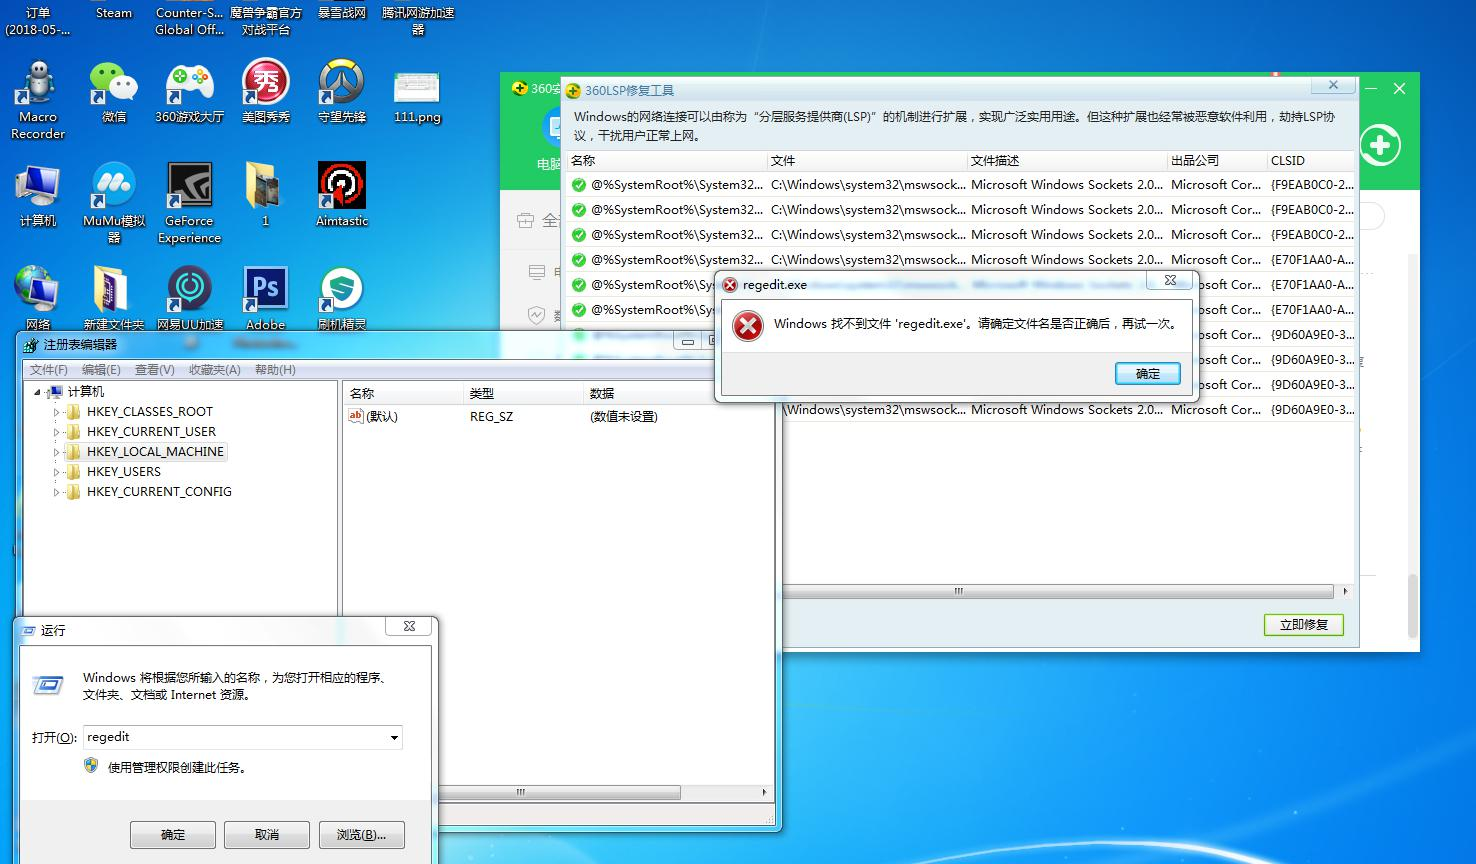 电脑有regedit.exe文件 但是还是用不了360LSP修复